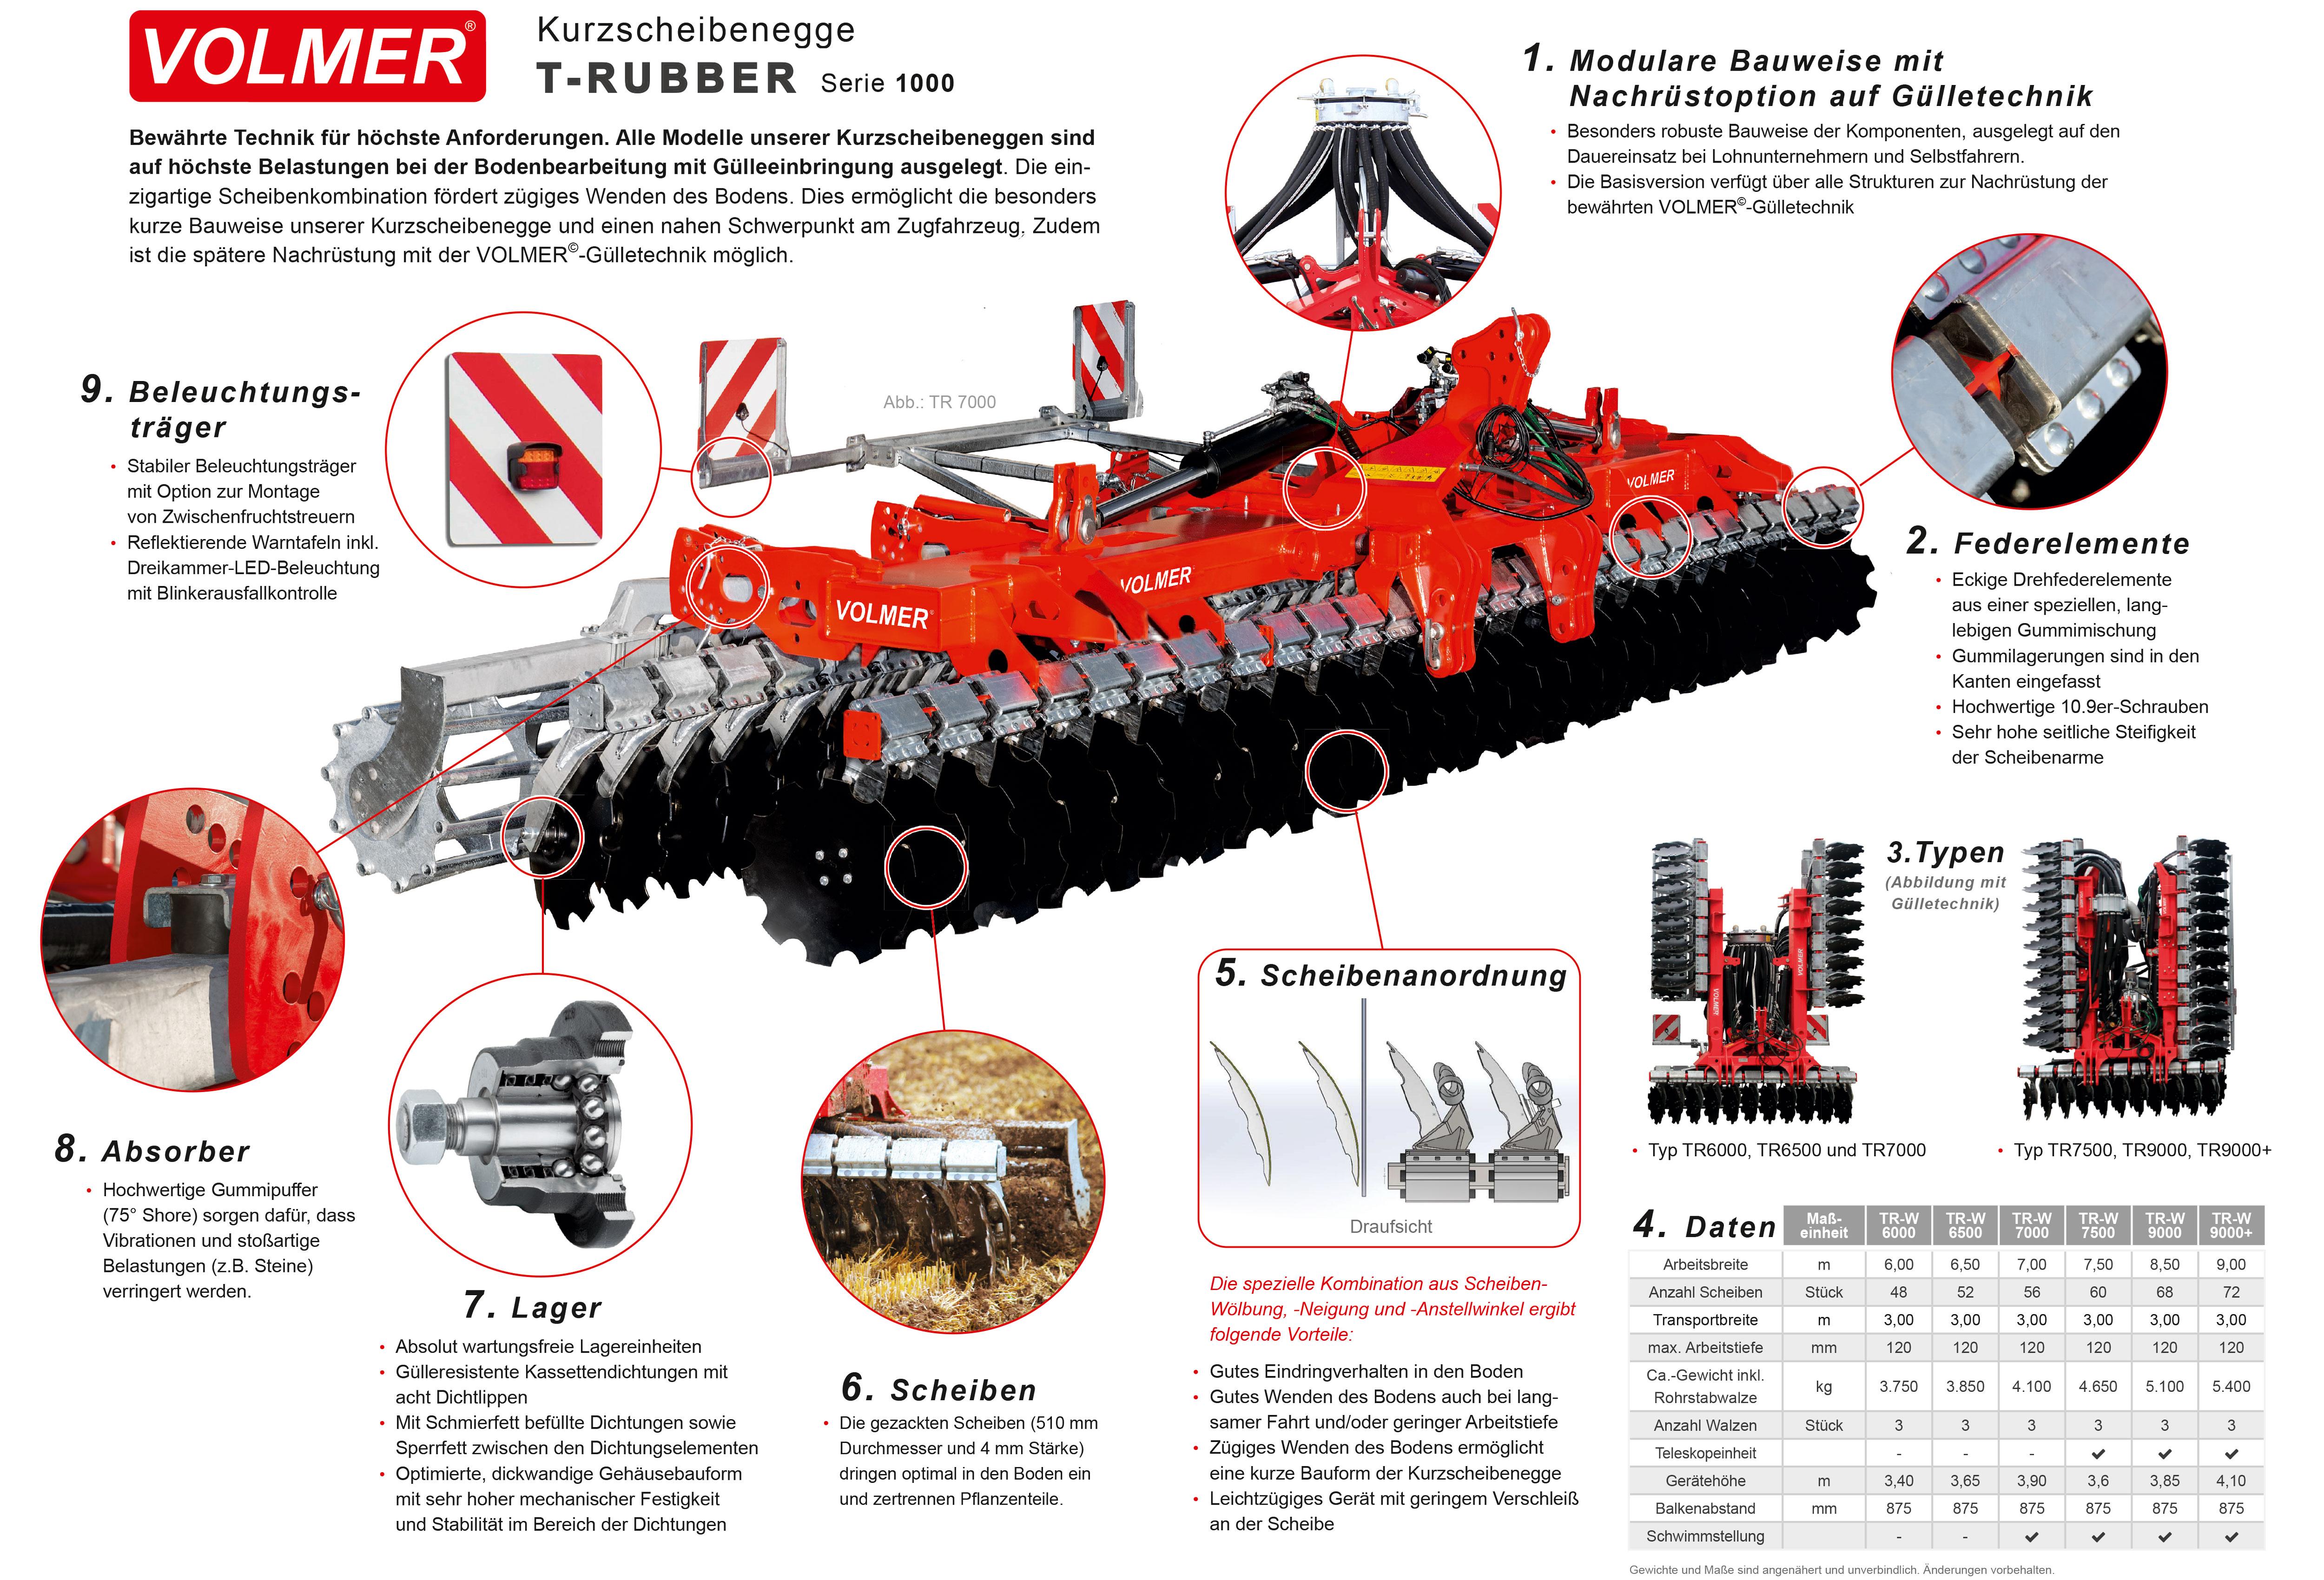 Kurzscheibenegge ohne Gülletechnik Volmer TR1000 - alle Daten und Informationen